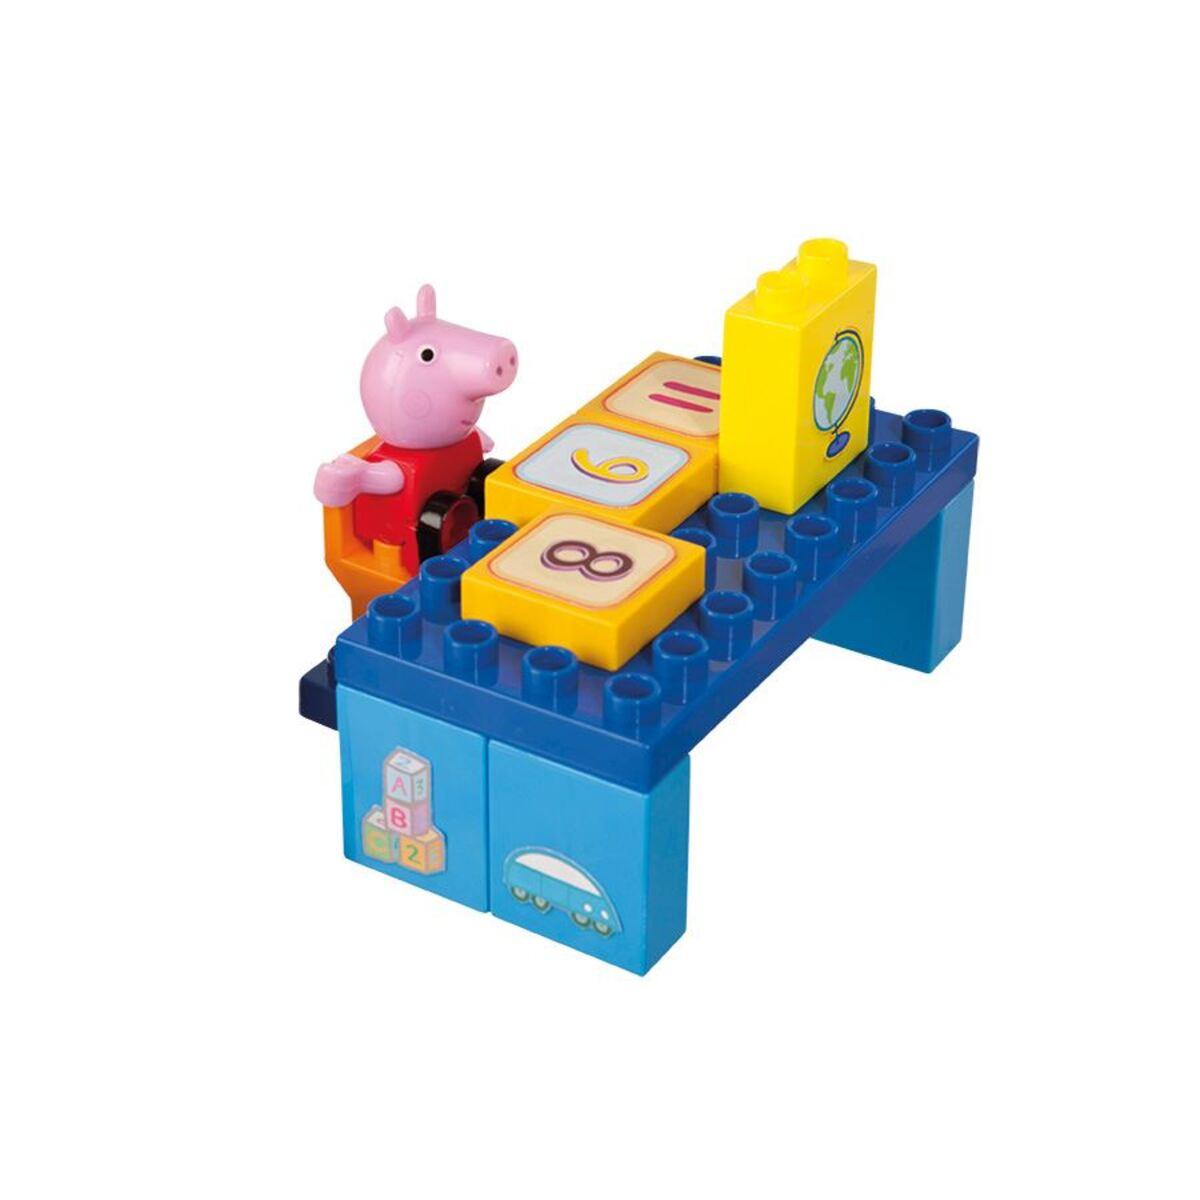 Bild 3 von BIG Bloxx Peppa Pig School Construction-Set 87-teilig